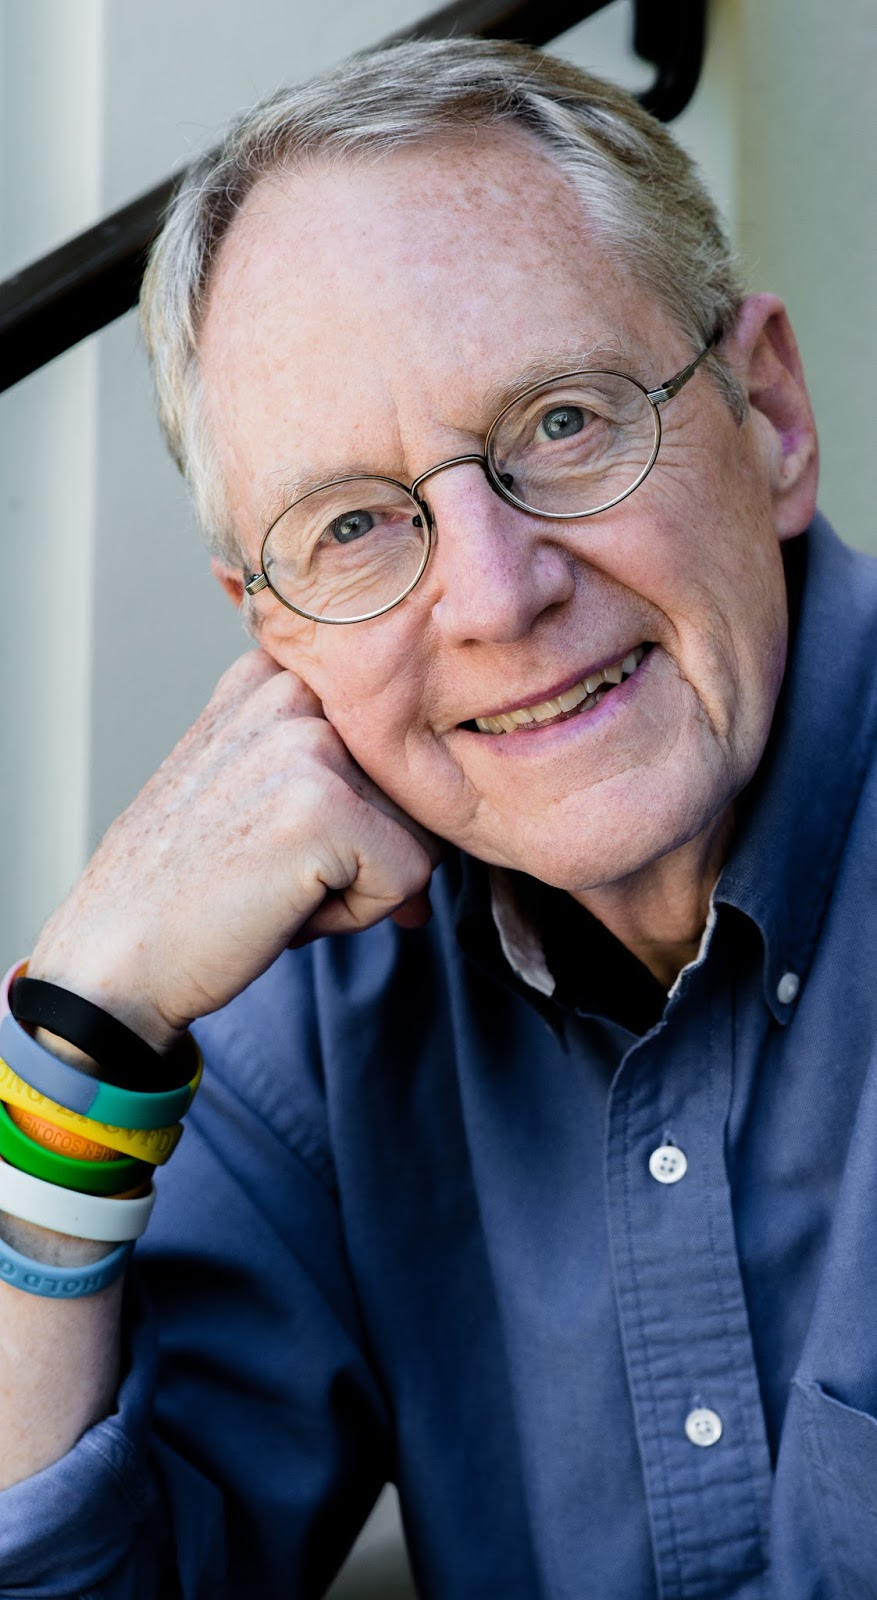 Workshop Leader, Rev. Alan Johnson